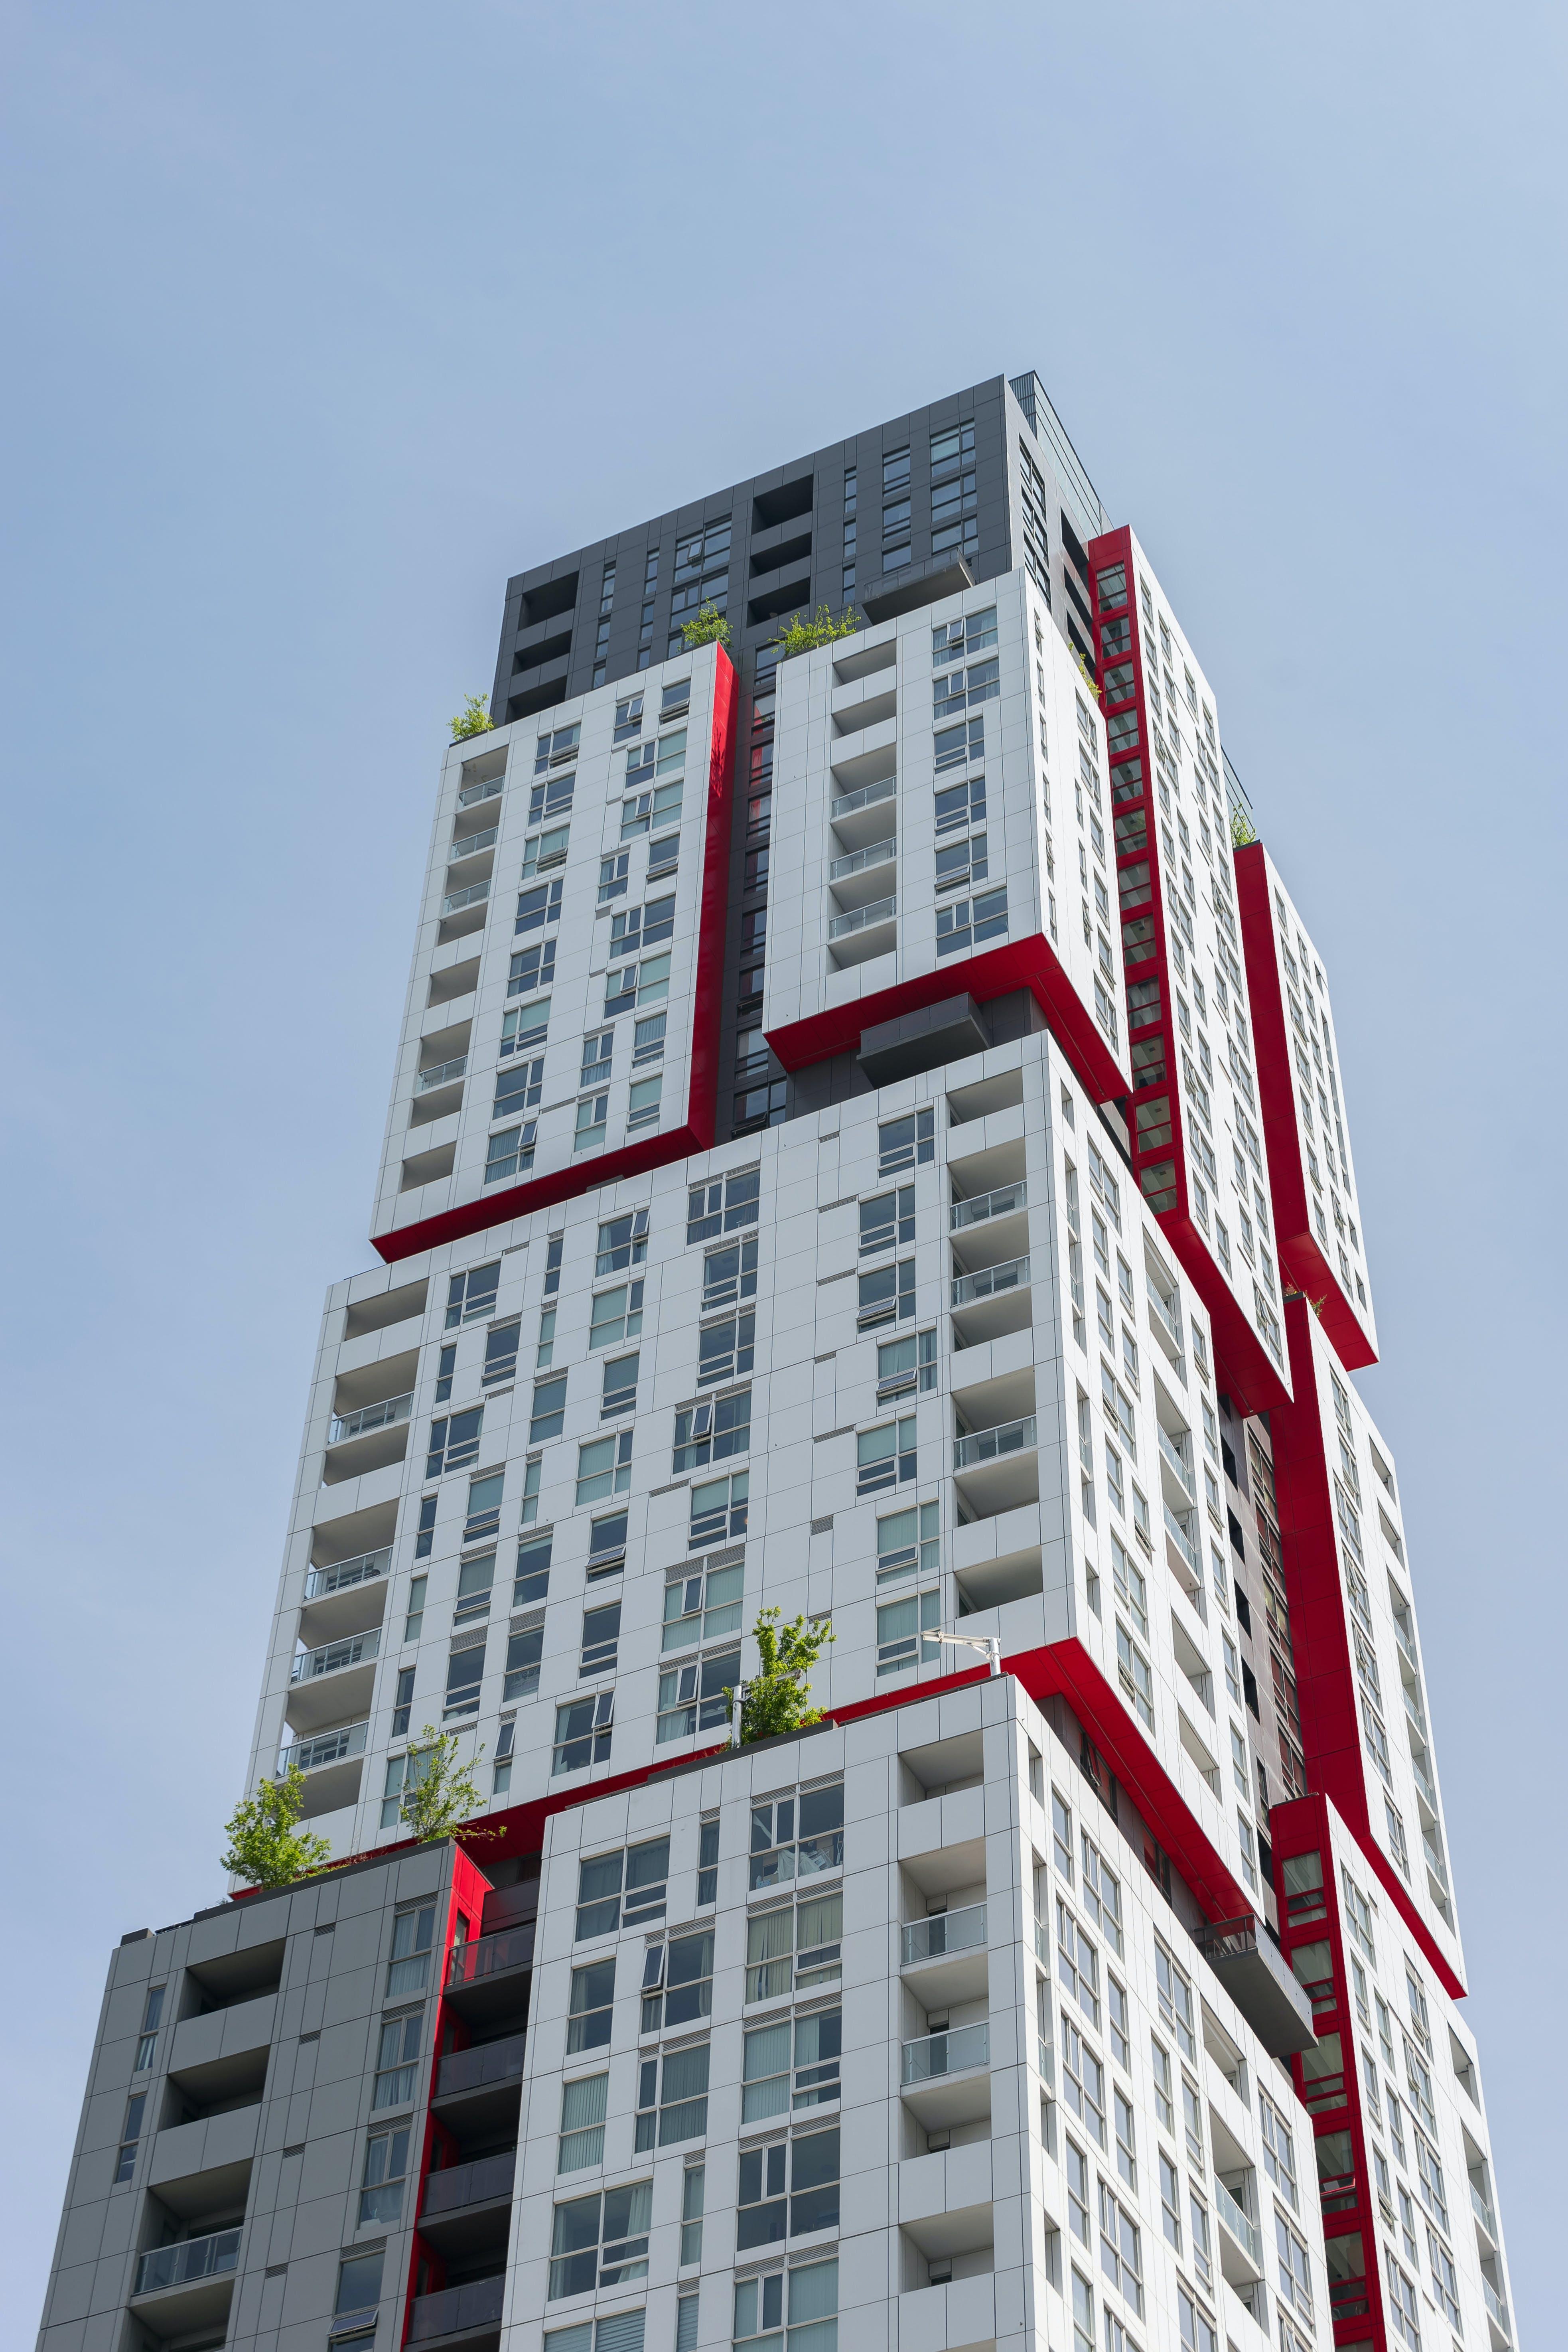 Foto profissional grátis de aparência, apartamento, balcão, céu